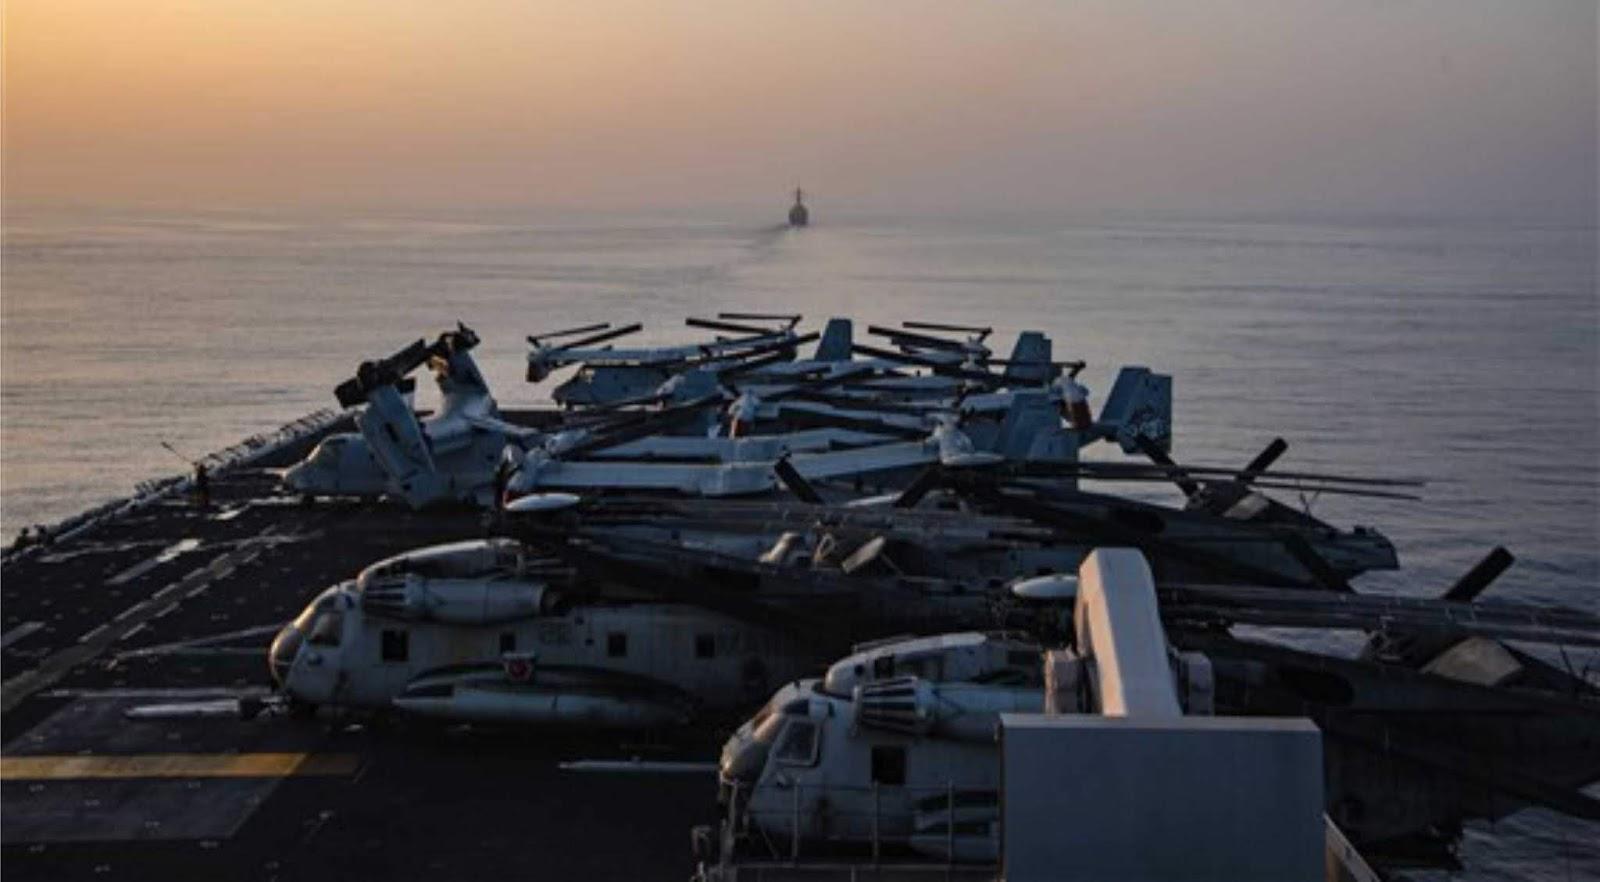 Kapal Iran melakukan manuver 300 meter dari  kapal perang AS di Teluk Persia